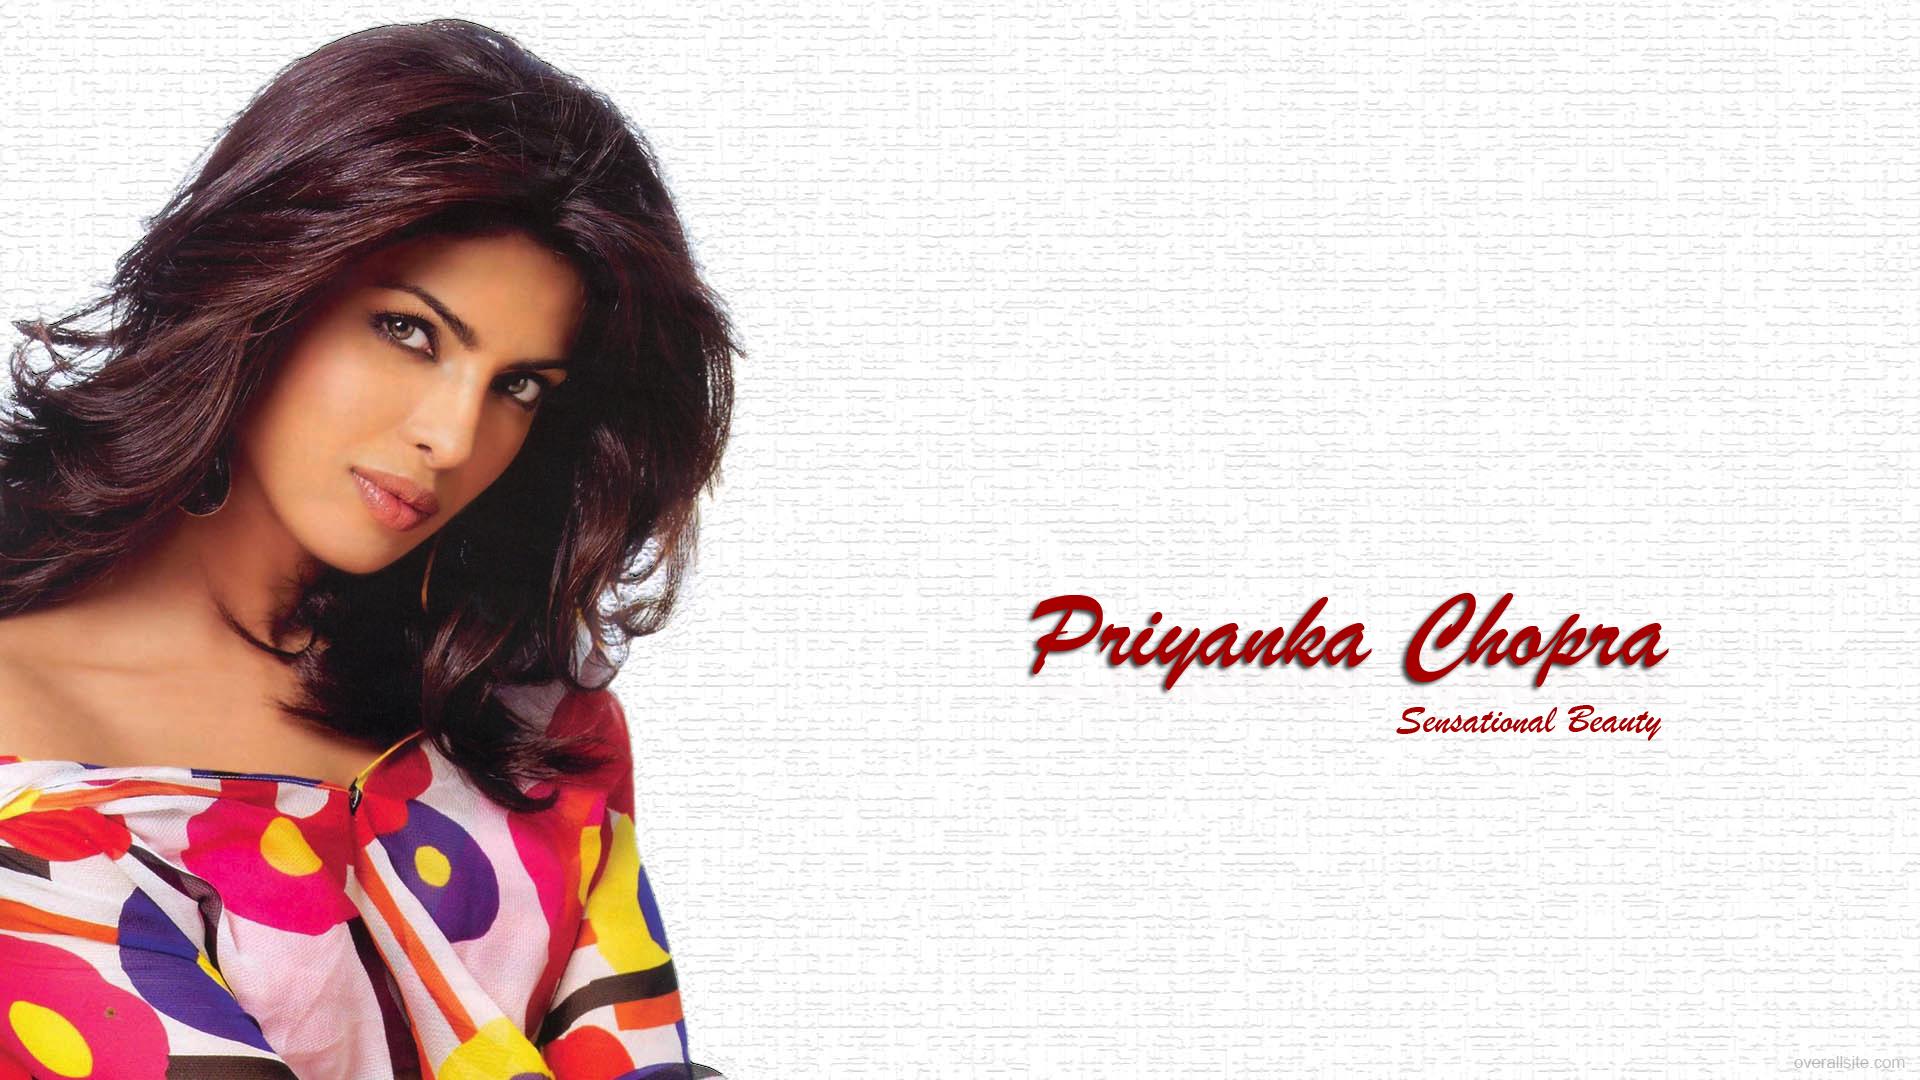 Priyanka chopra bollywood actress photos